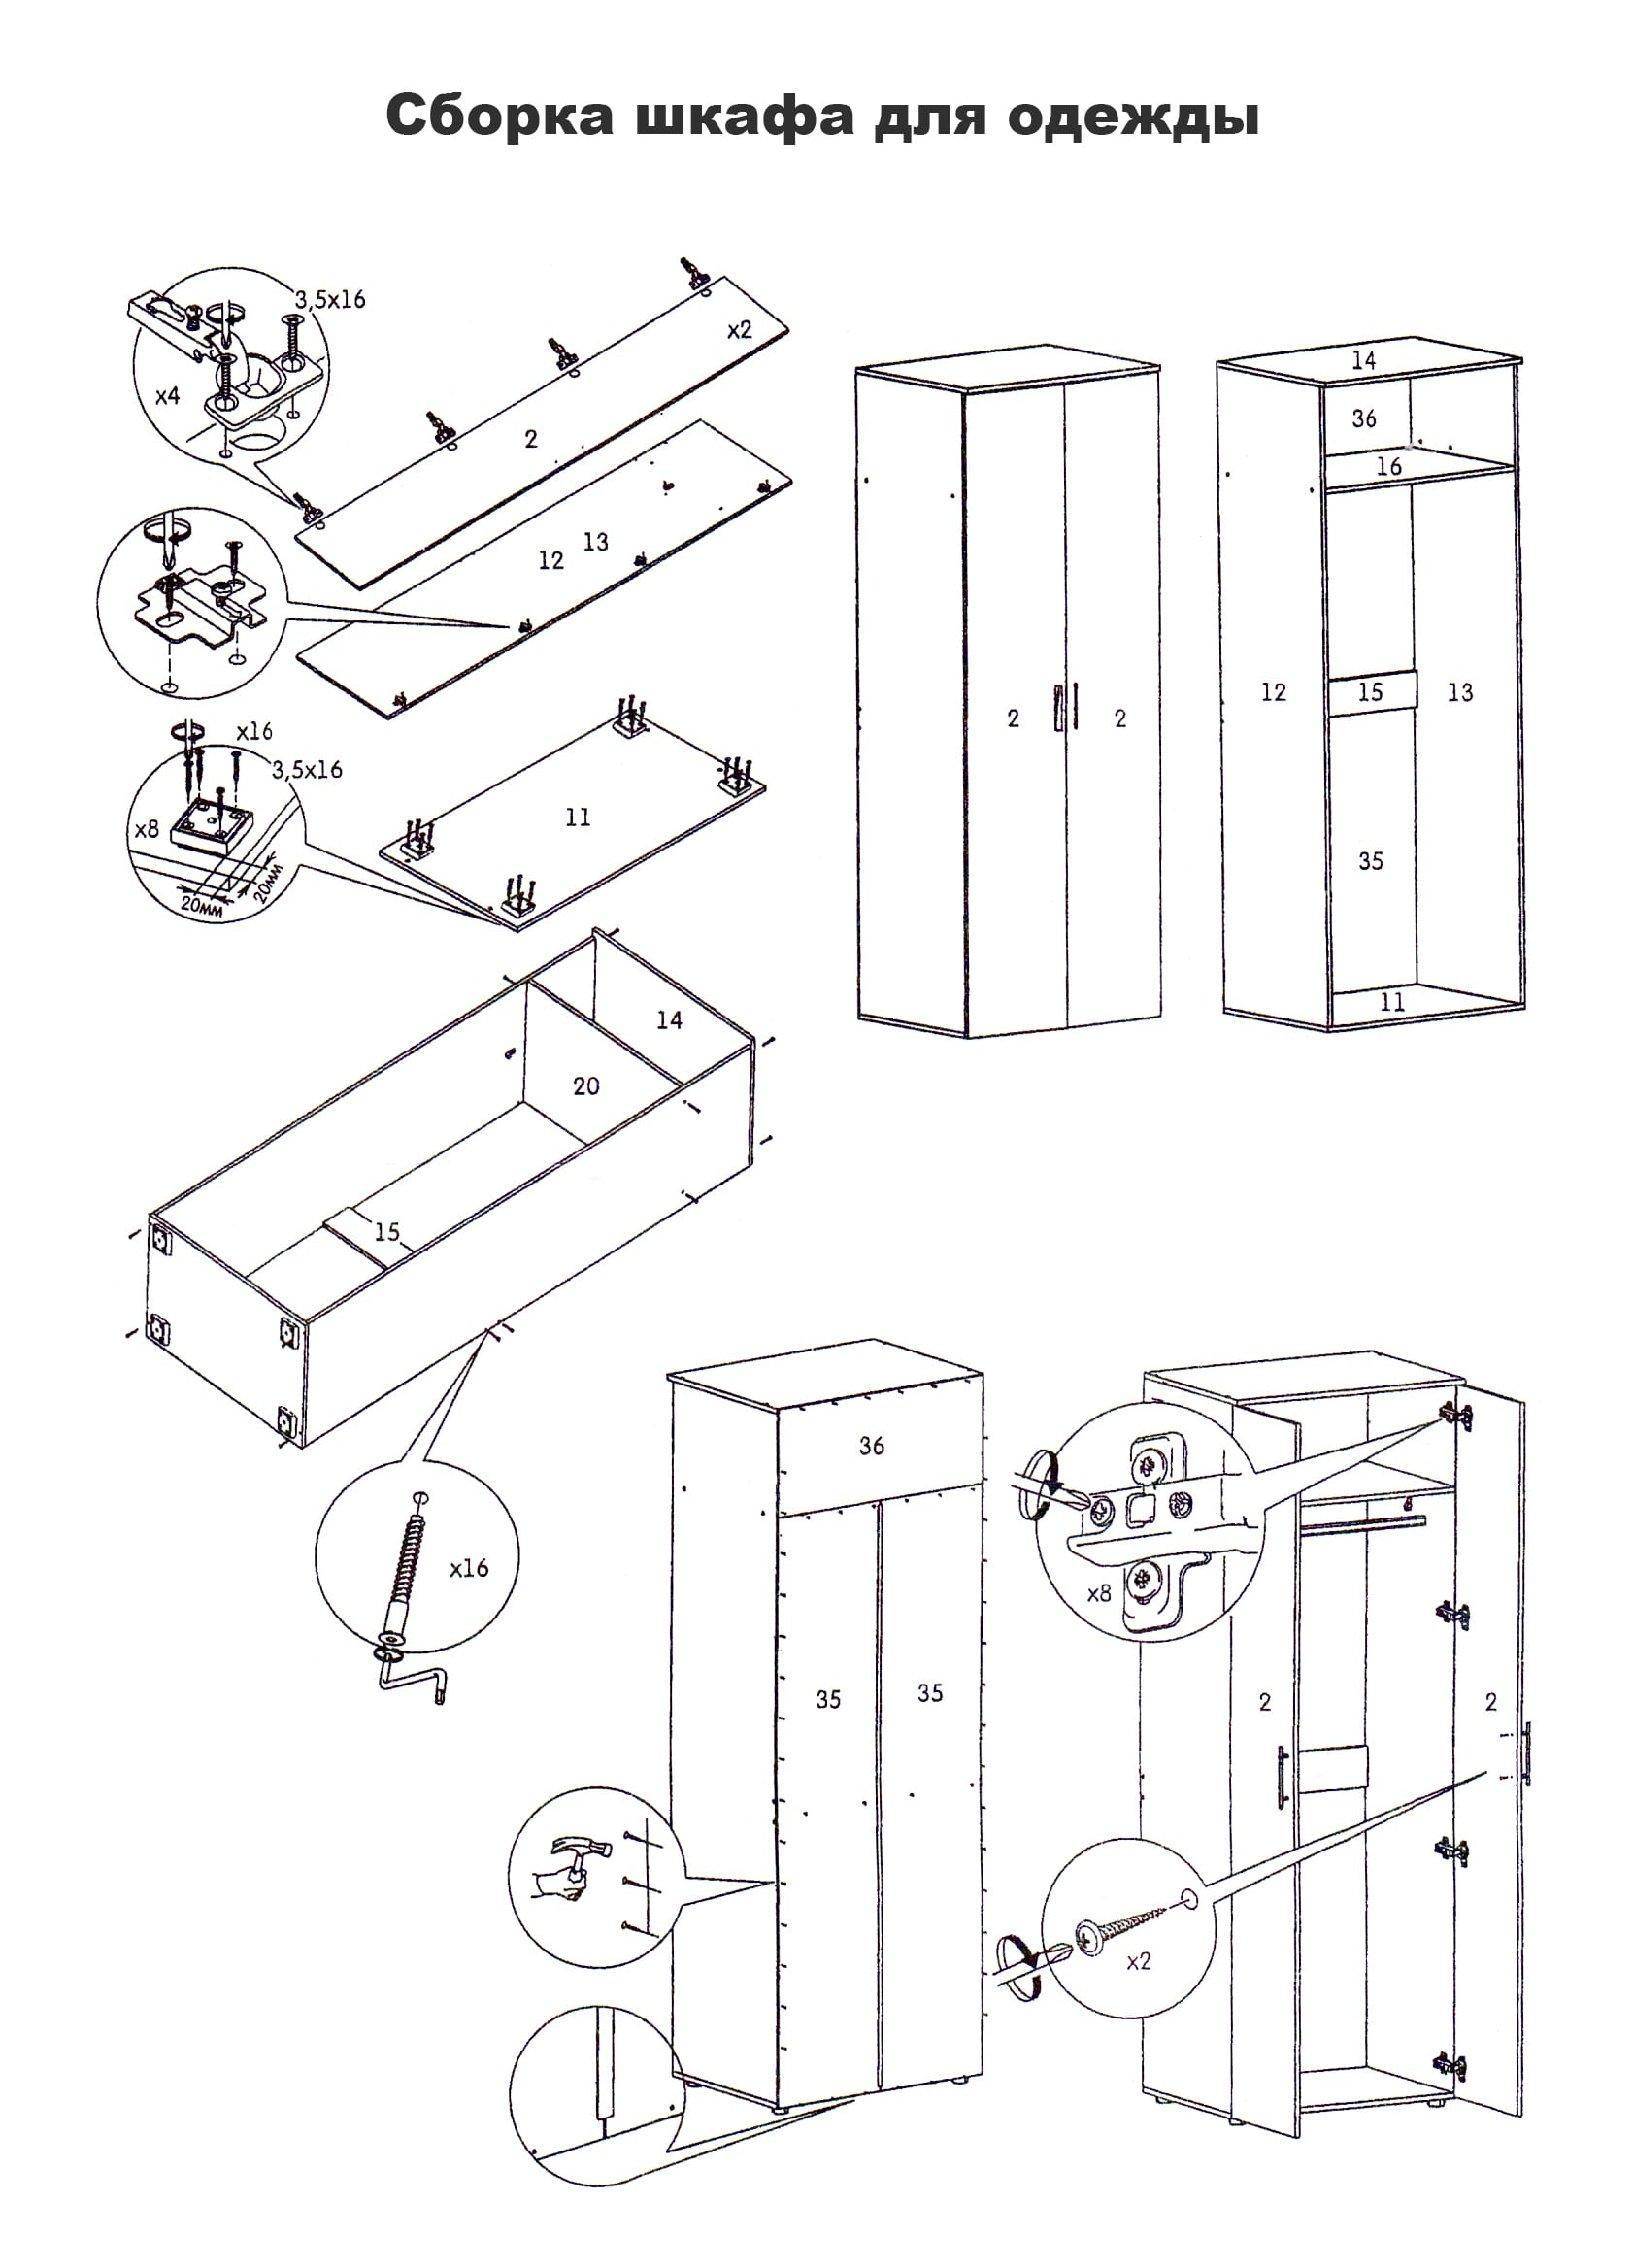 Схема сборки стенки Мальта - шаг №2